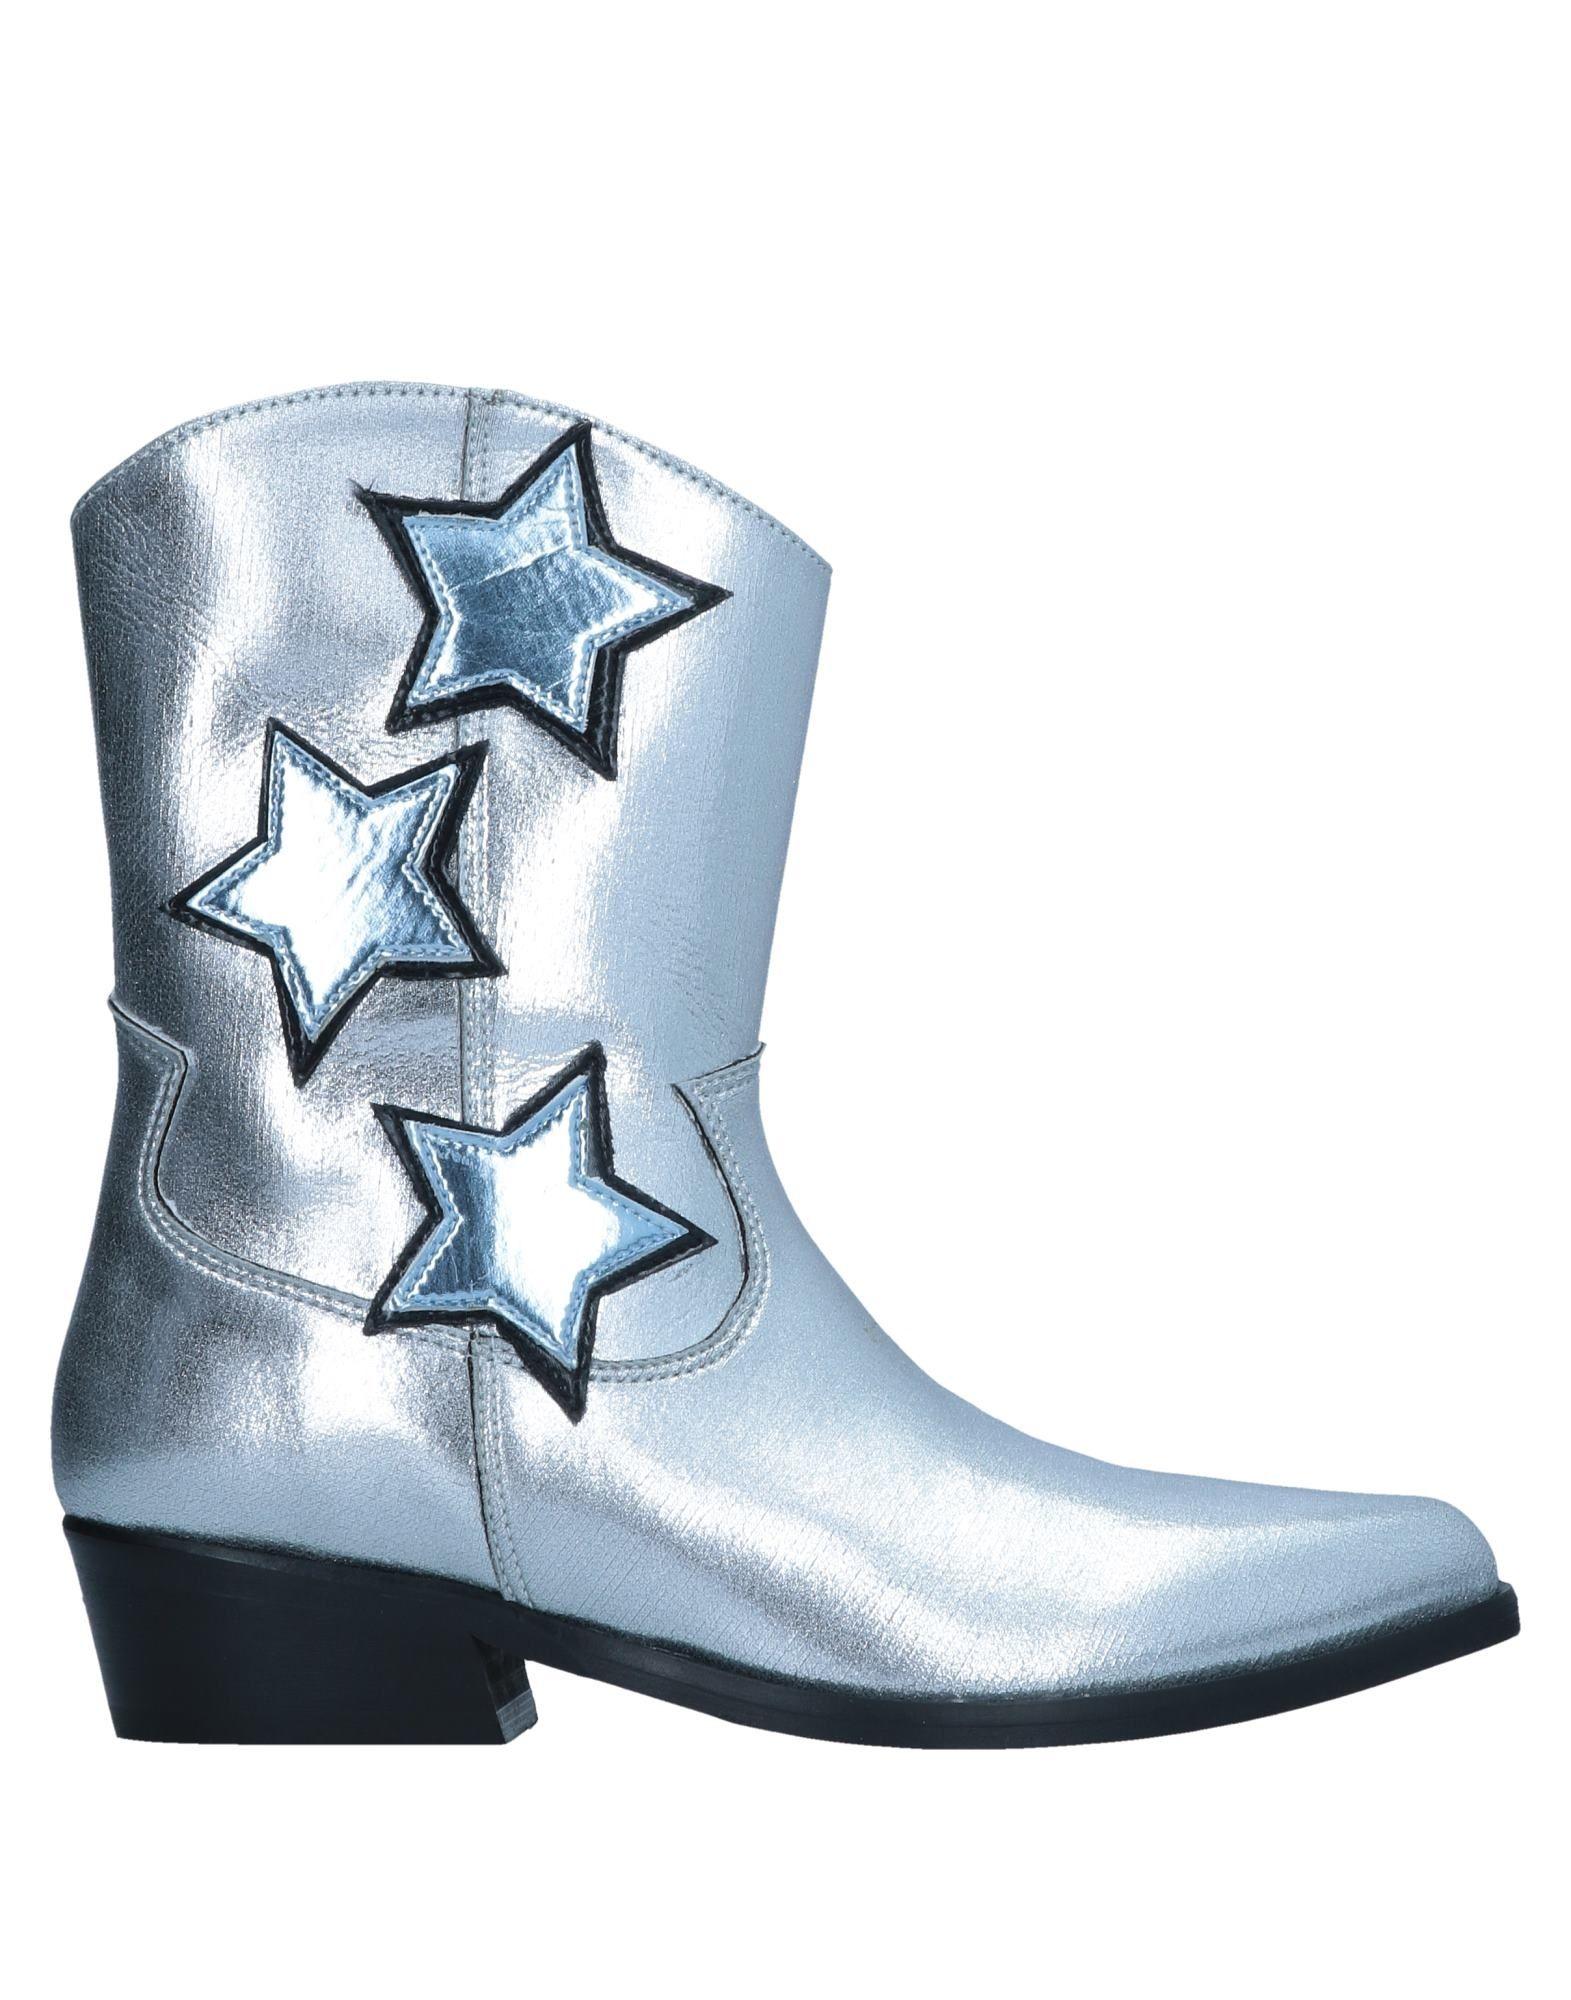 Chiara Ferragni Ankle Ferragni Boot - Women Chiara Ferragni Ankle Ankle Boots online on  Australia - 11550511SS 0cde66